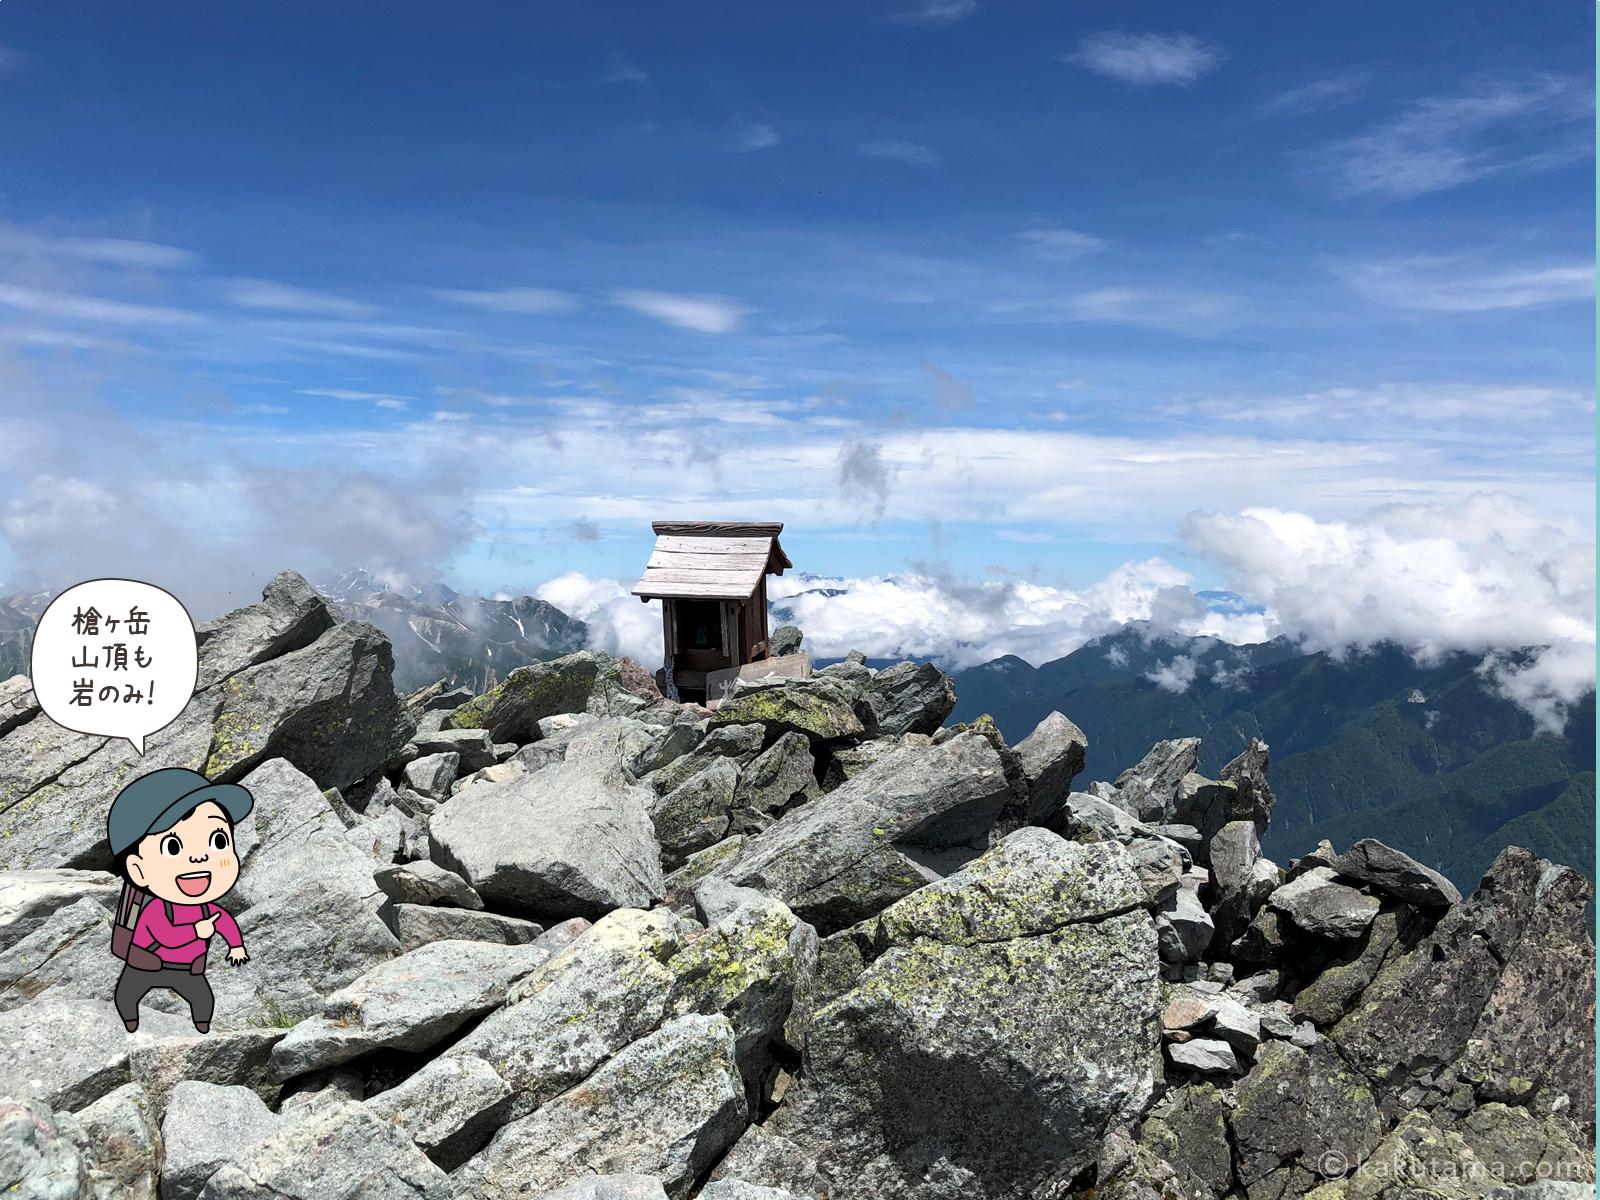 山の名前由来槍ヶ岳にまつわる写真2